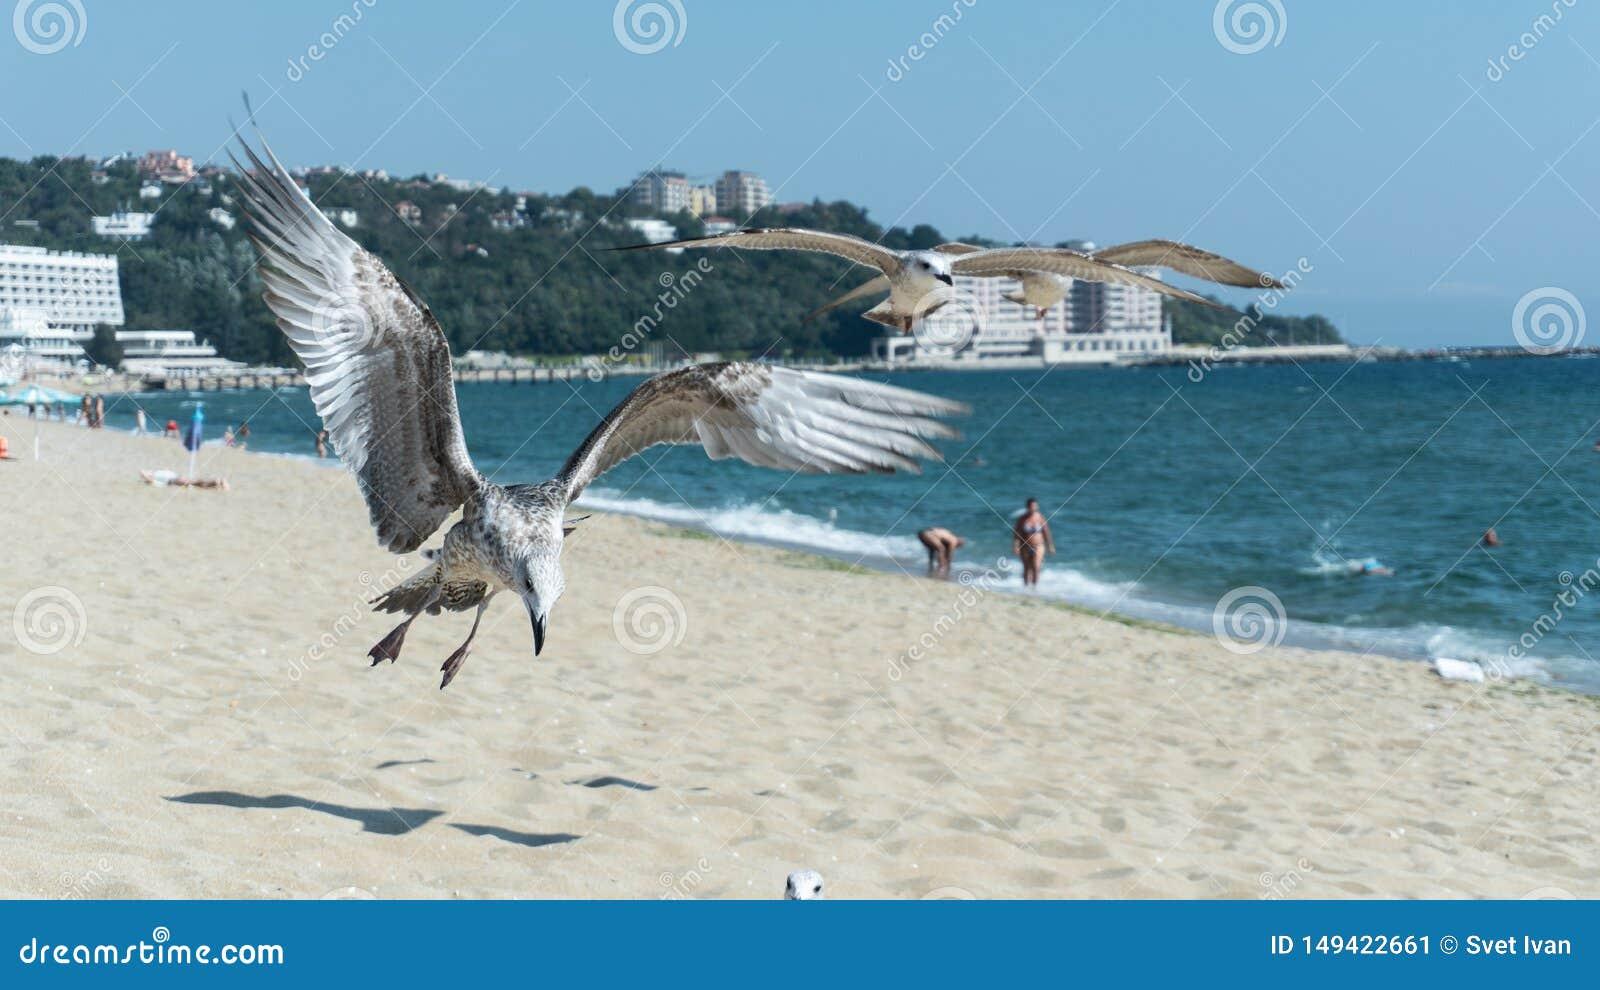 Zeemeeuw op het strand, de Zwarte Zee